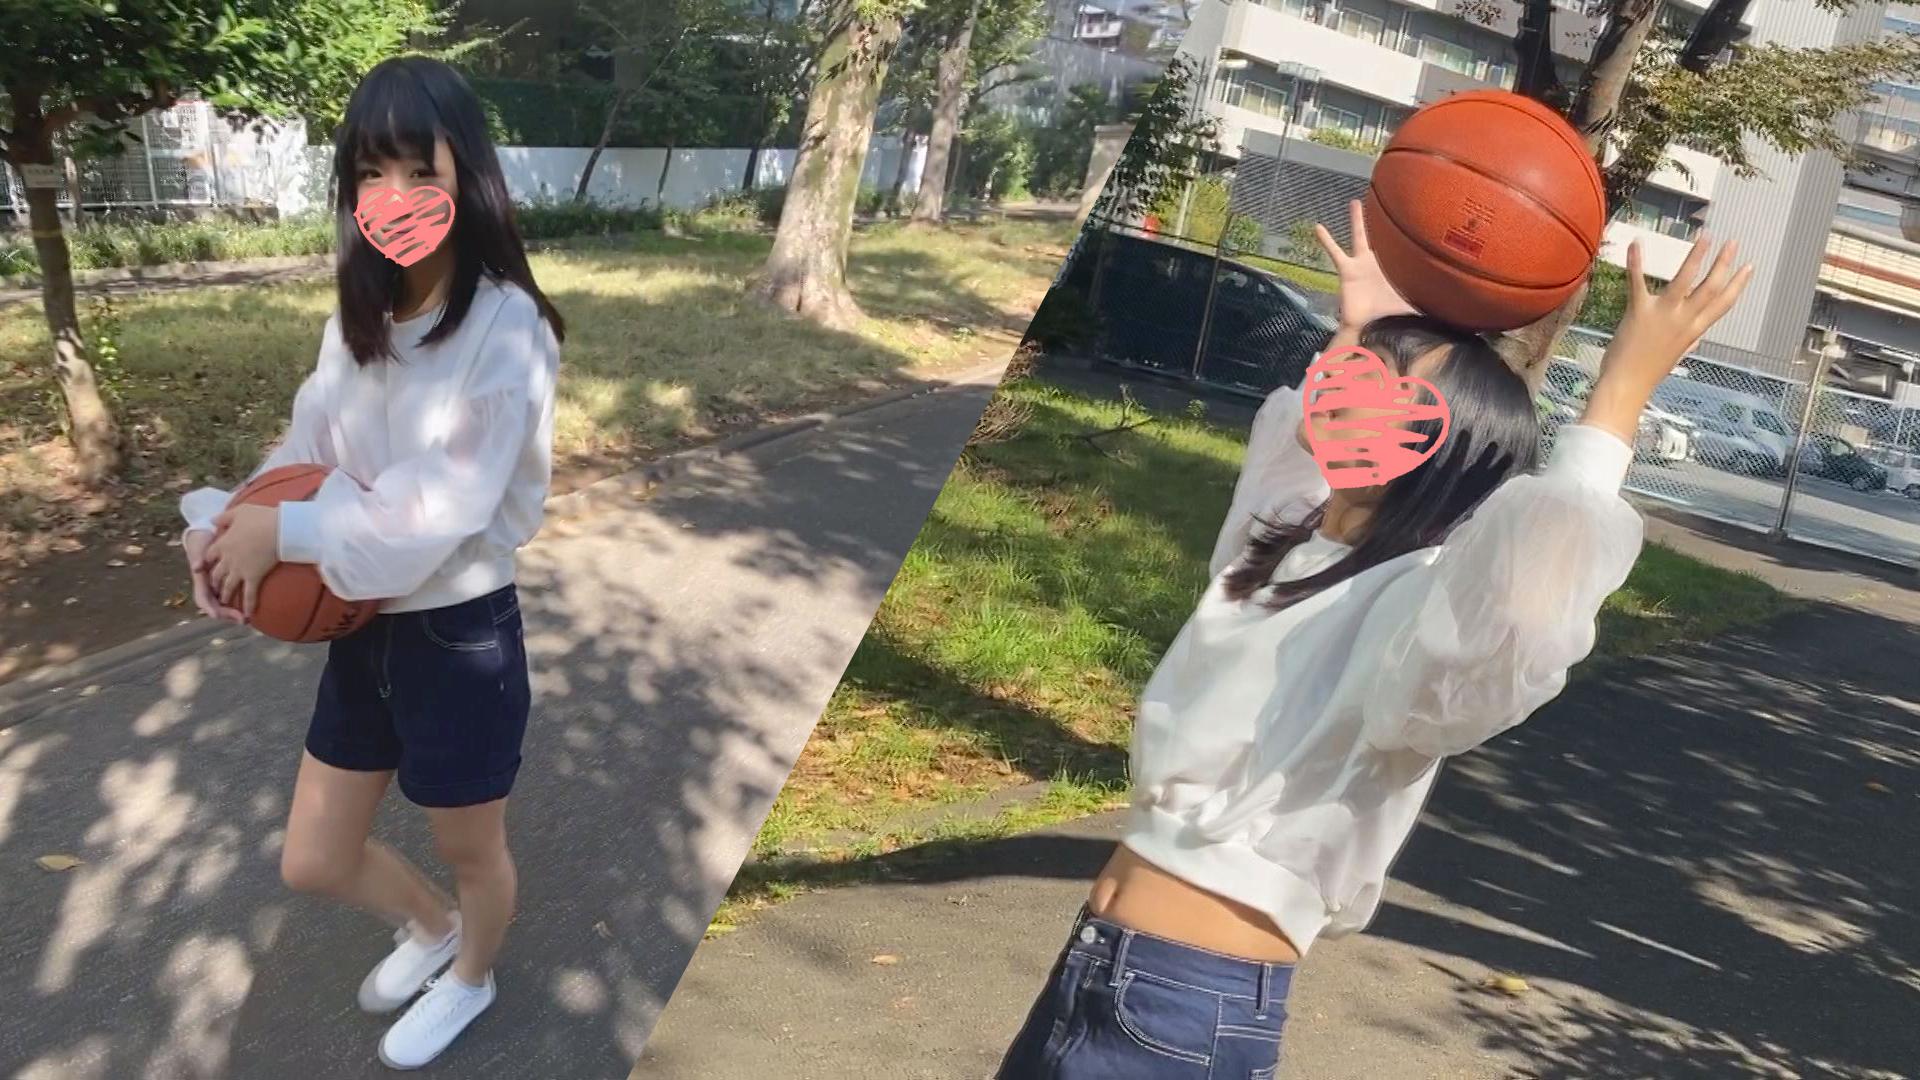 【青春18娘】経験人数一人のK③バスケ少女。都会のヤリチンに捕まり大人セックスで初めての絶頂迎えちゃいましたw【個人撮影】1579505322-68.jpg